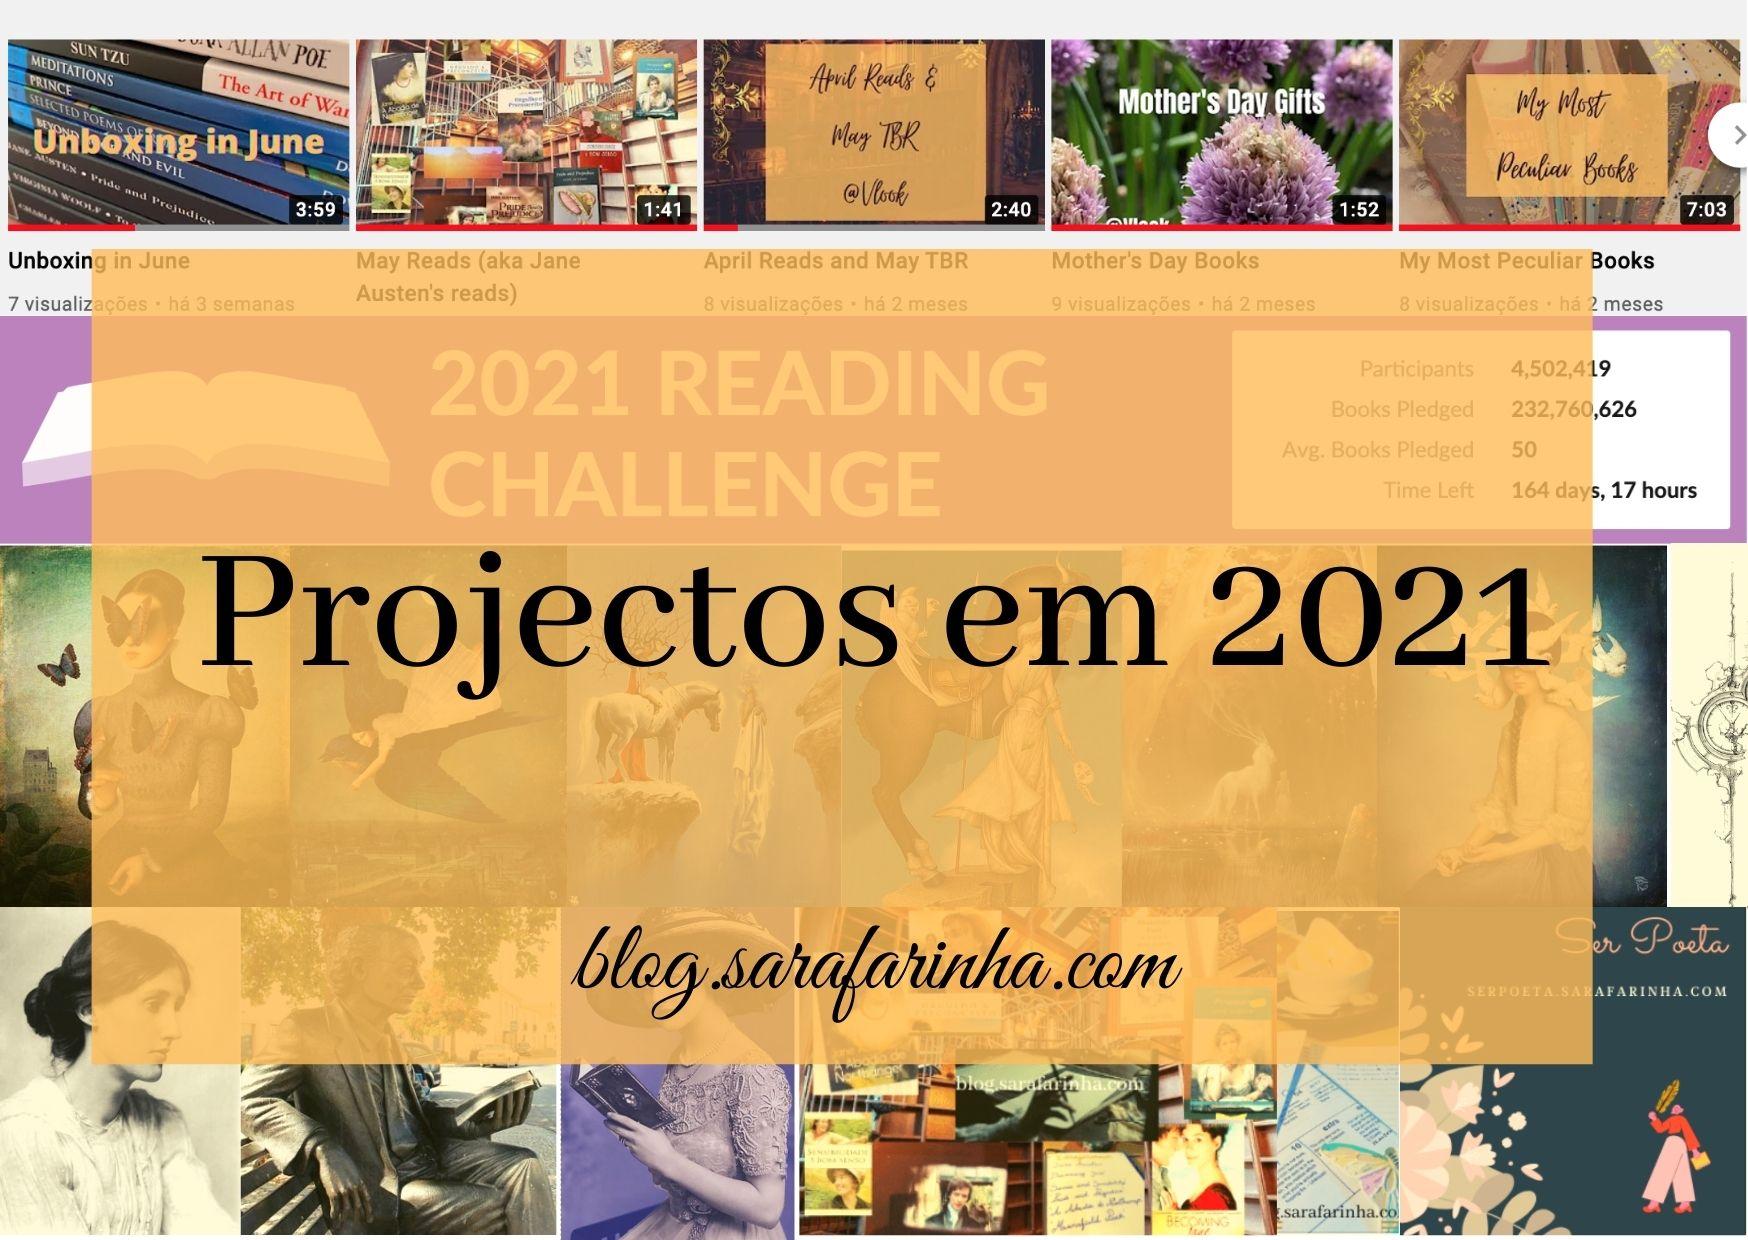 projectos em 2021